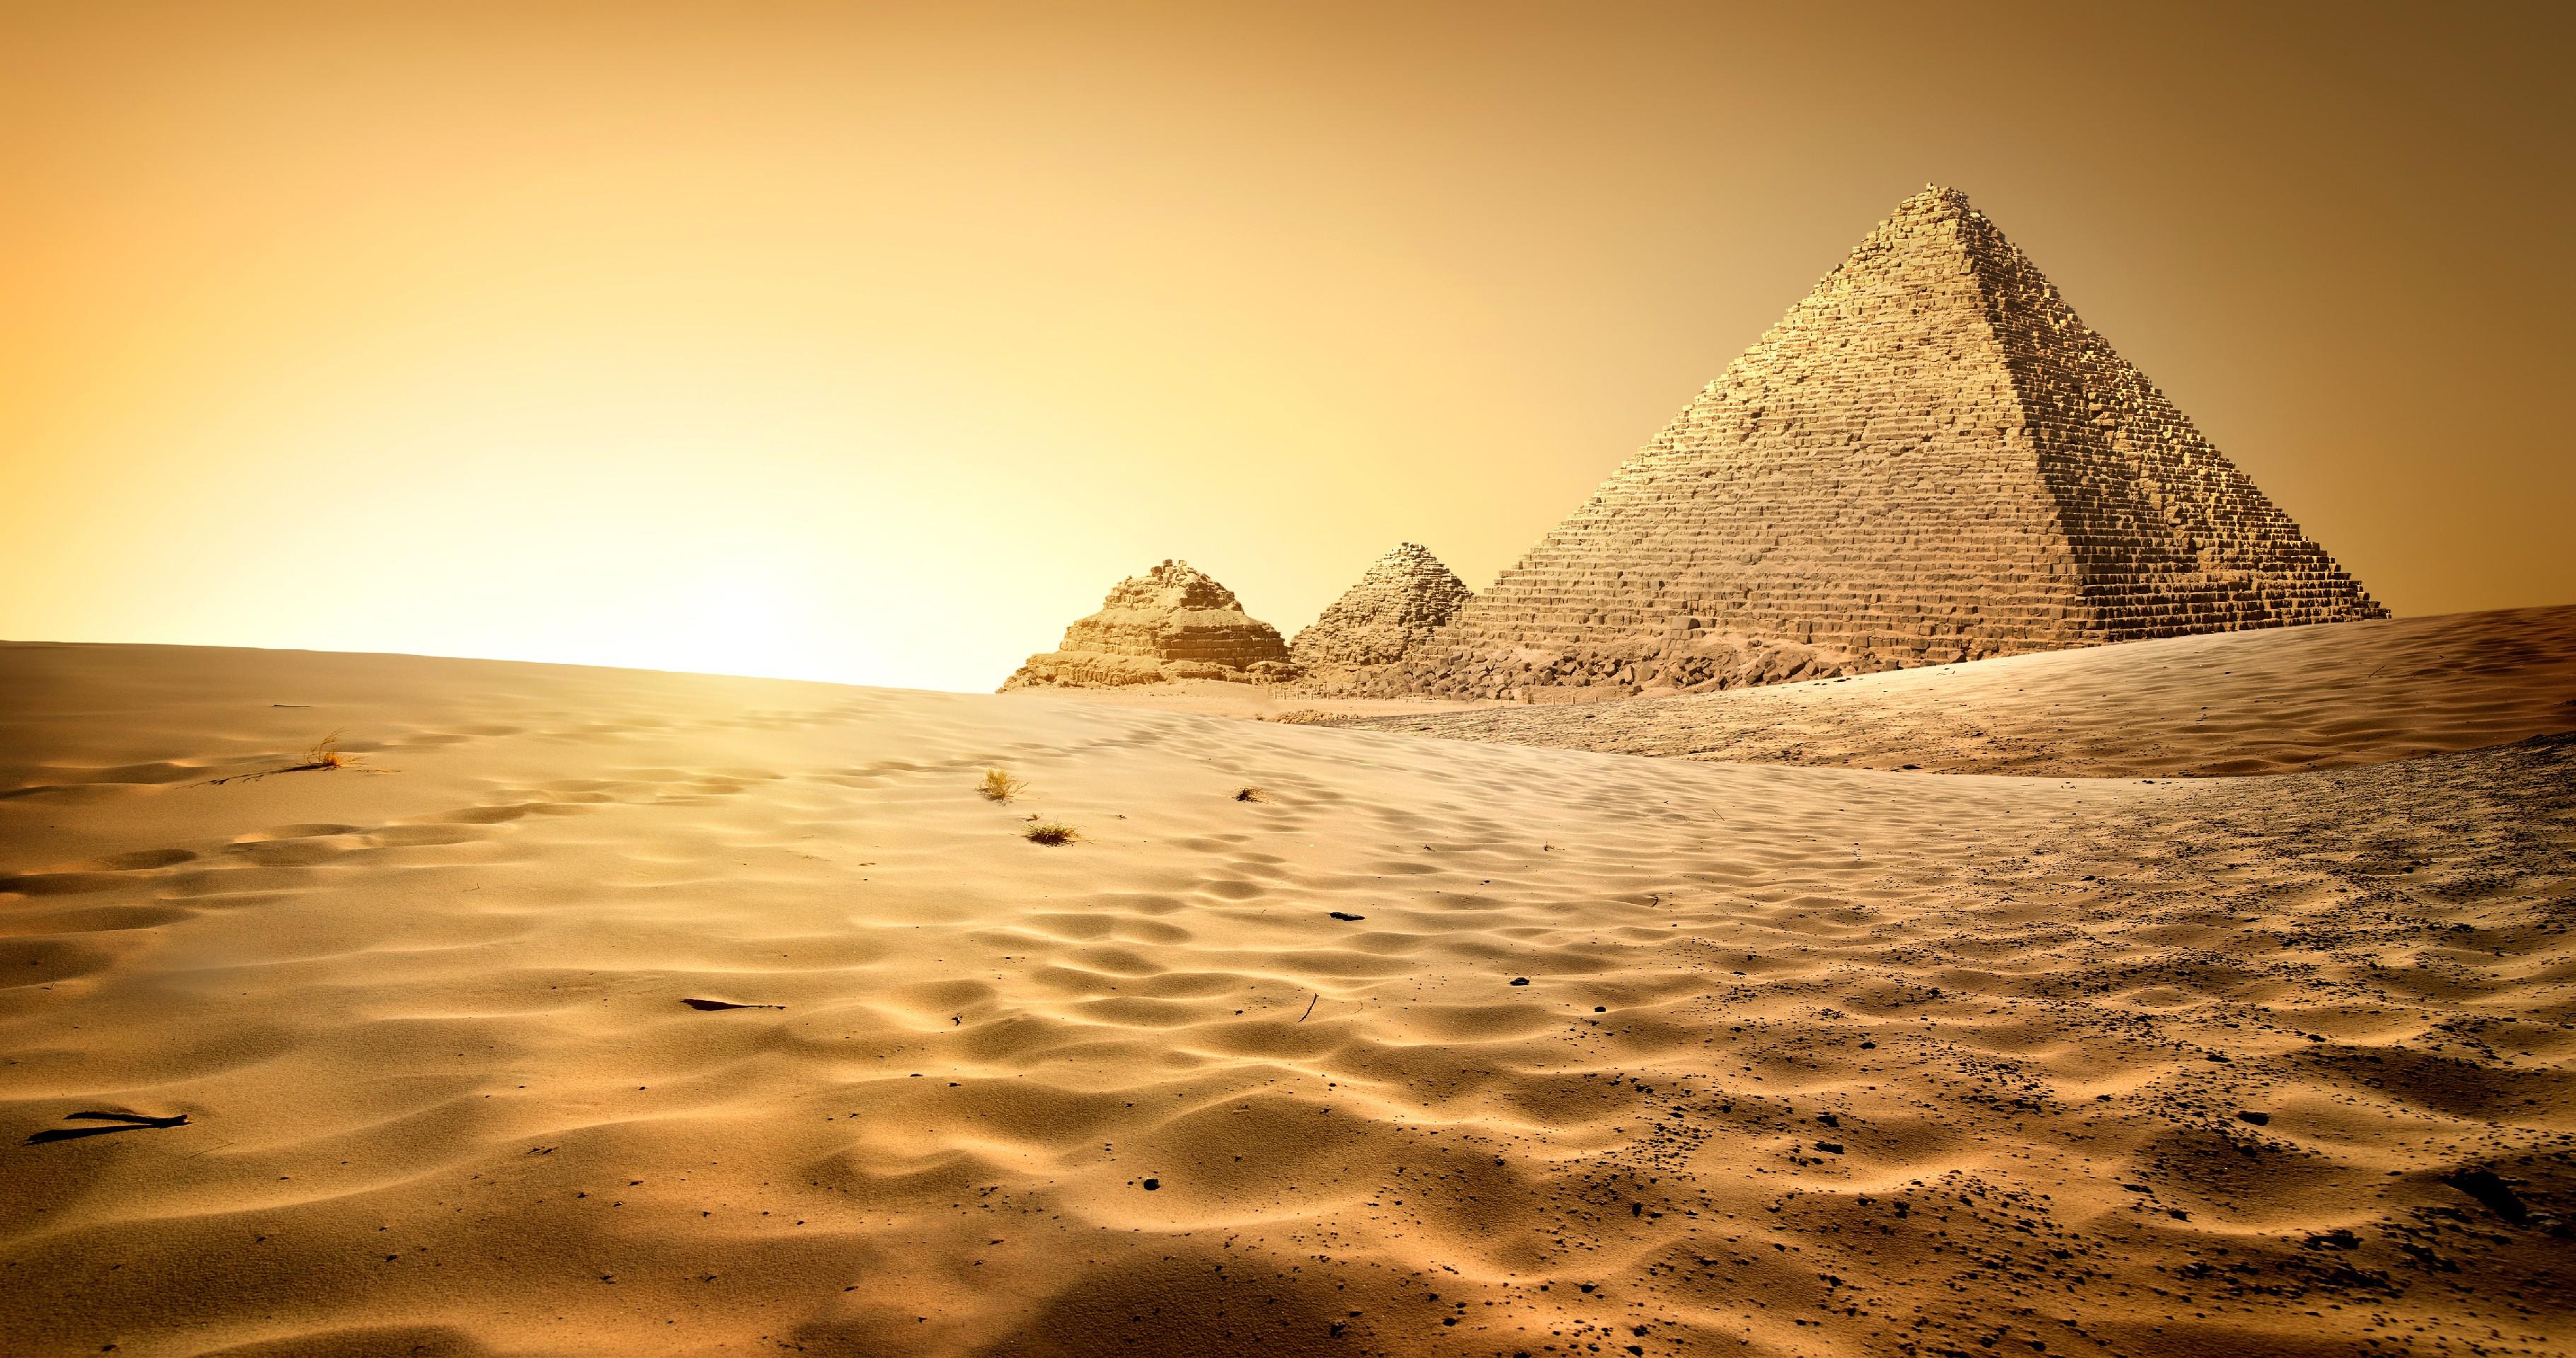 Благотворное влияние пирамид на человека и окружающую среду